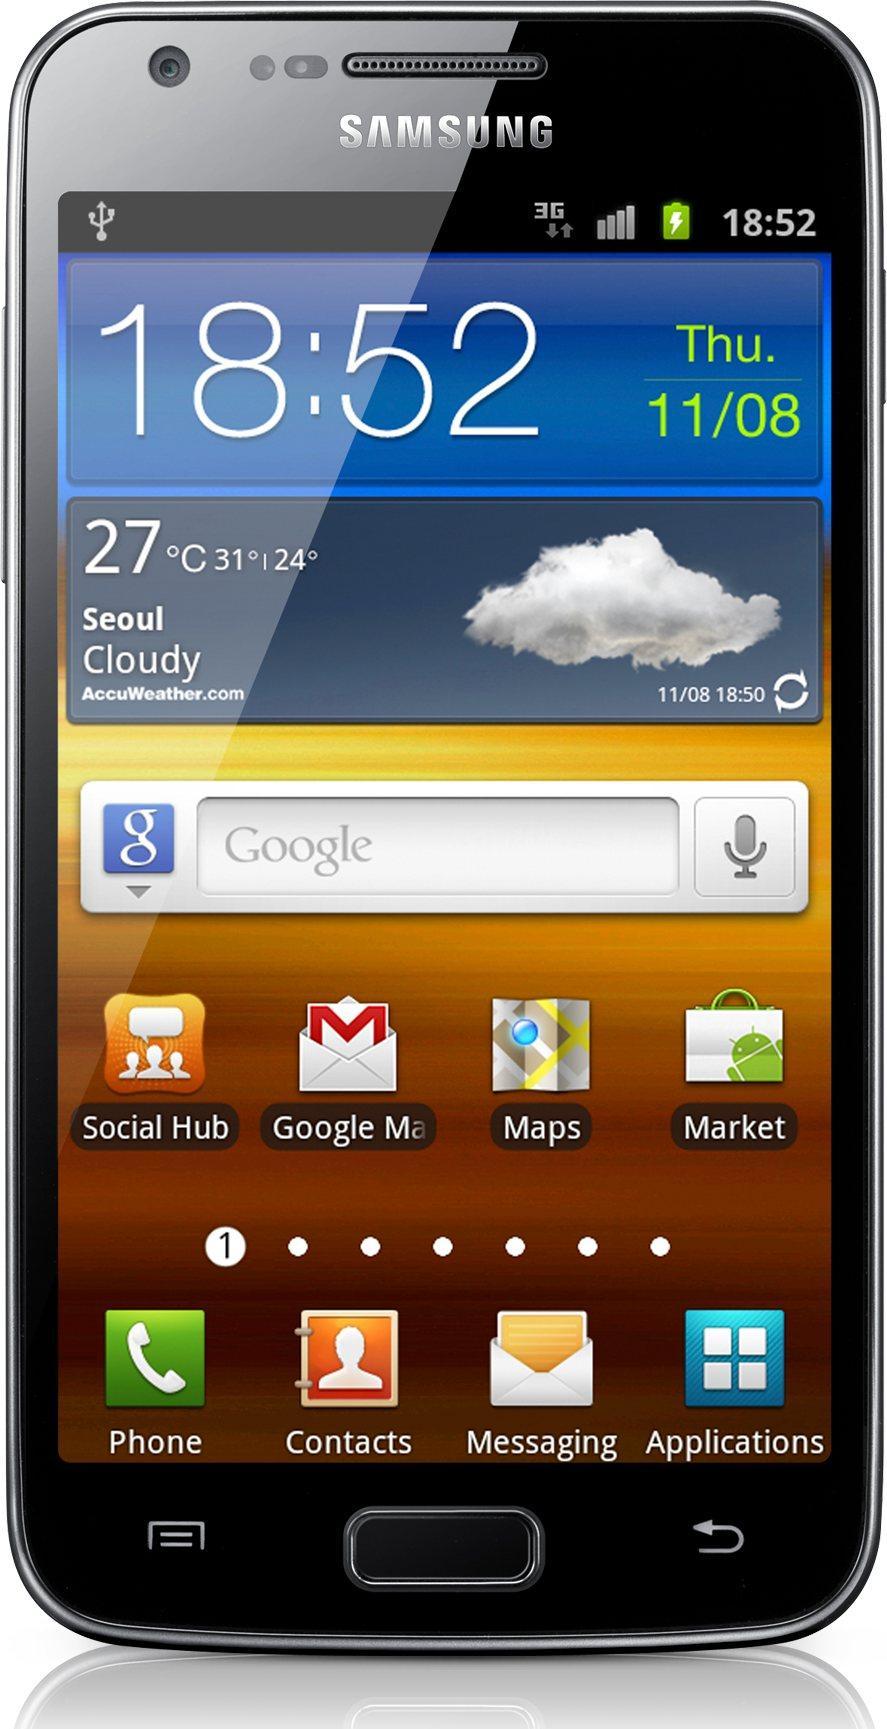 Galaxy S 2 LTE GT-I9210T